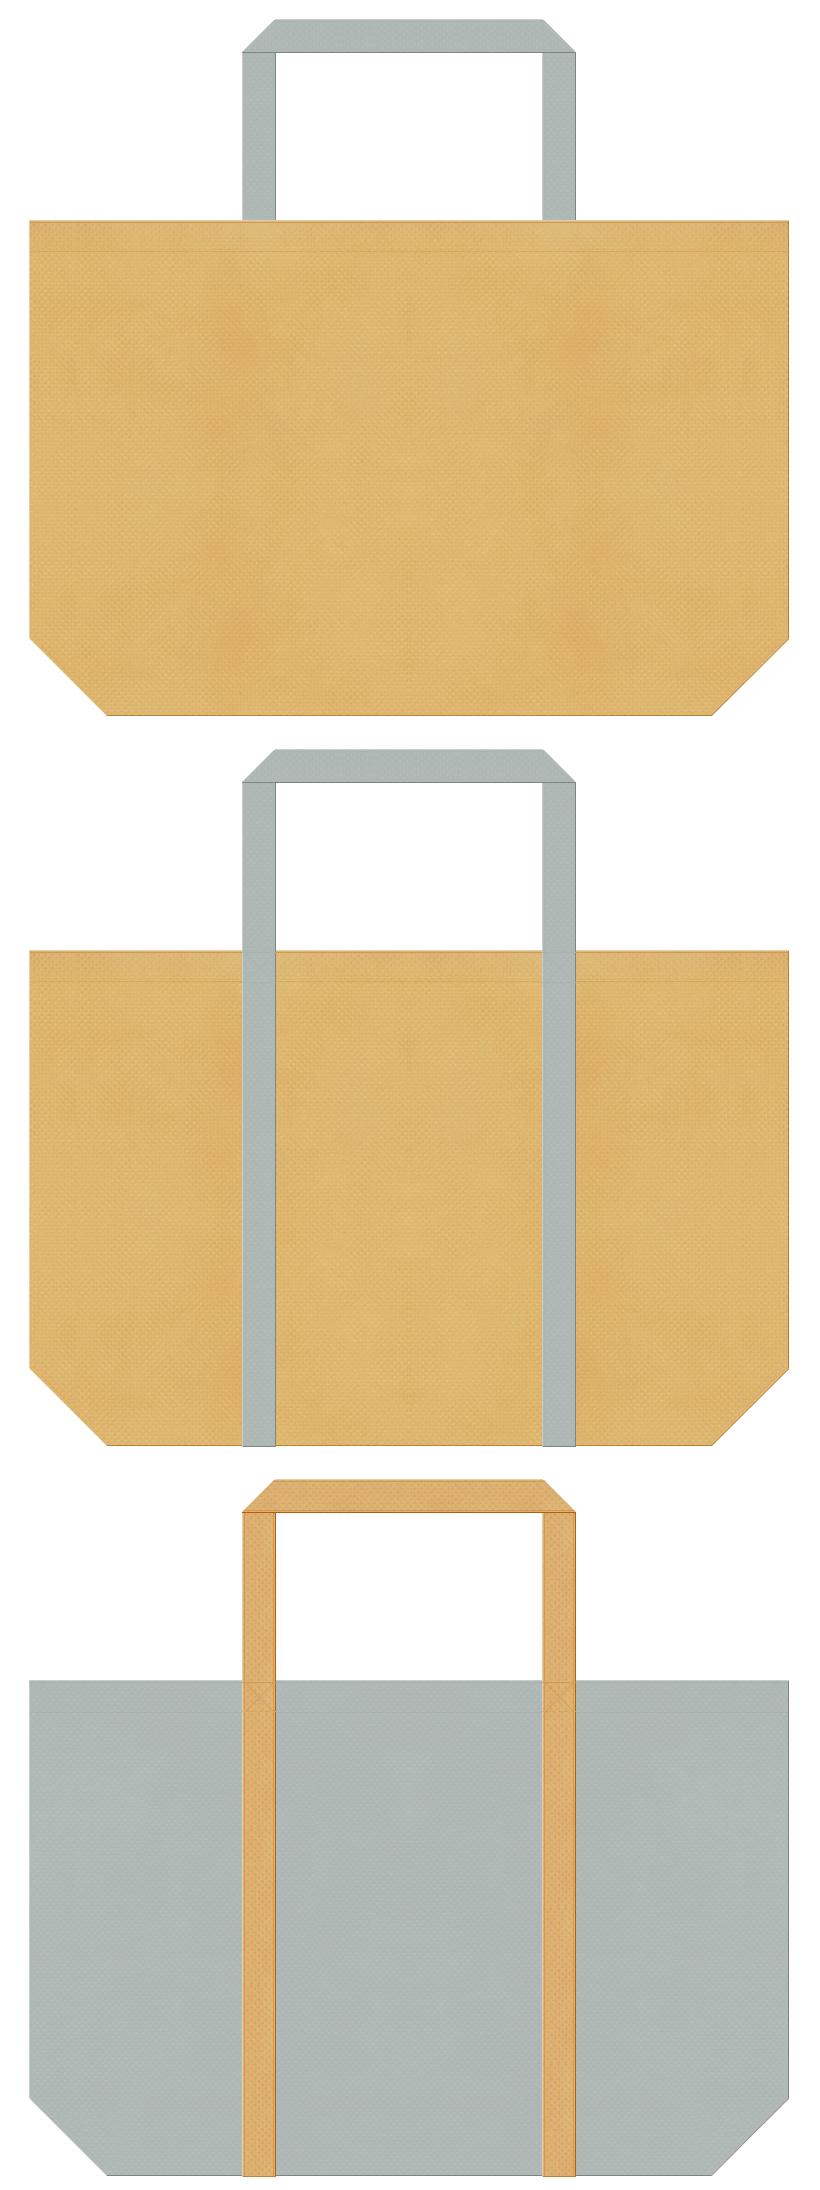 薄黄土色とグレー色の不織布ショッピングバッグデザイン。